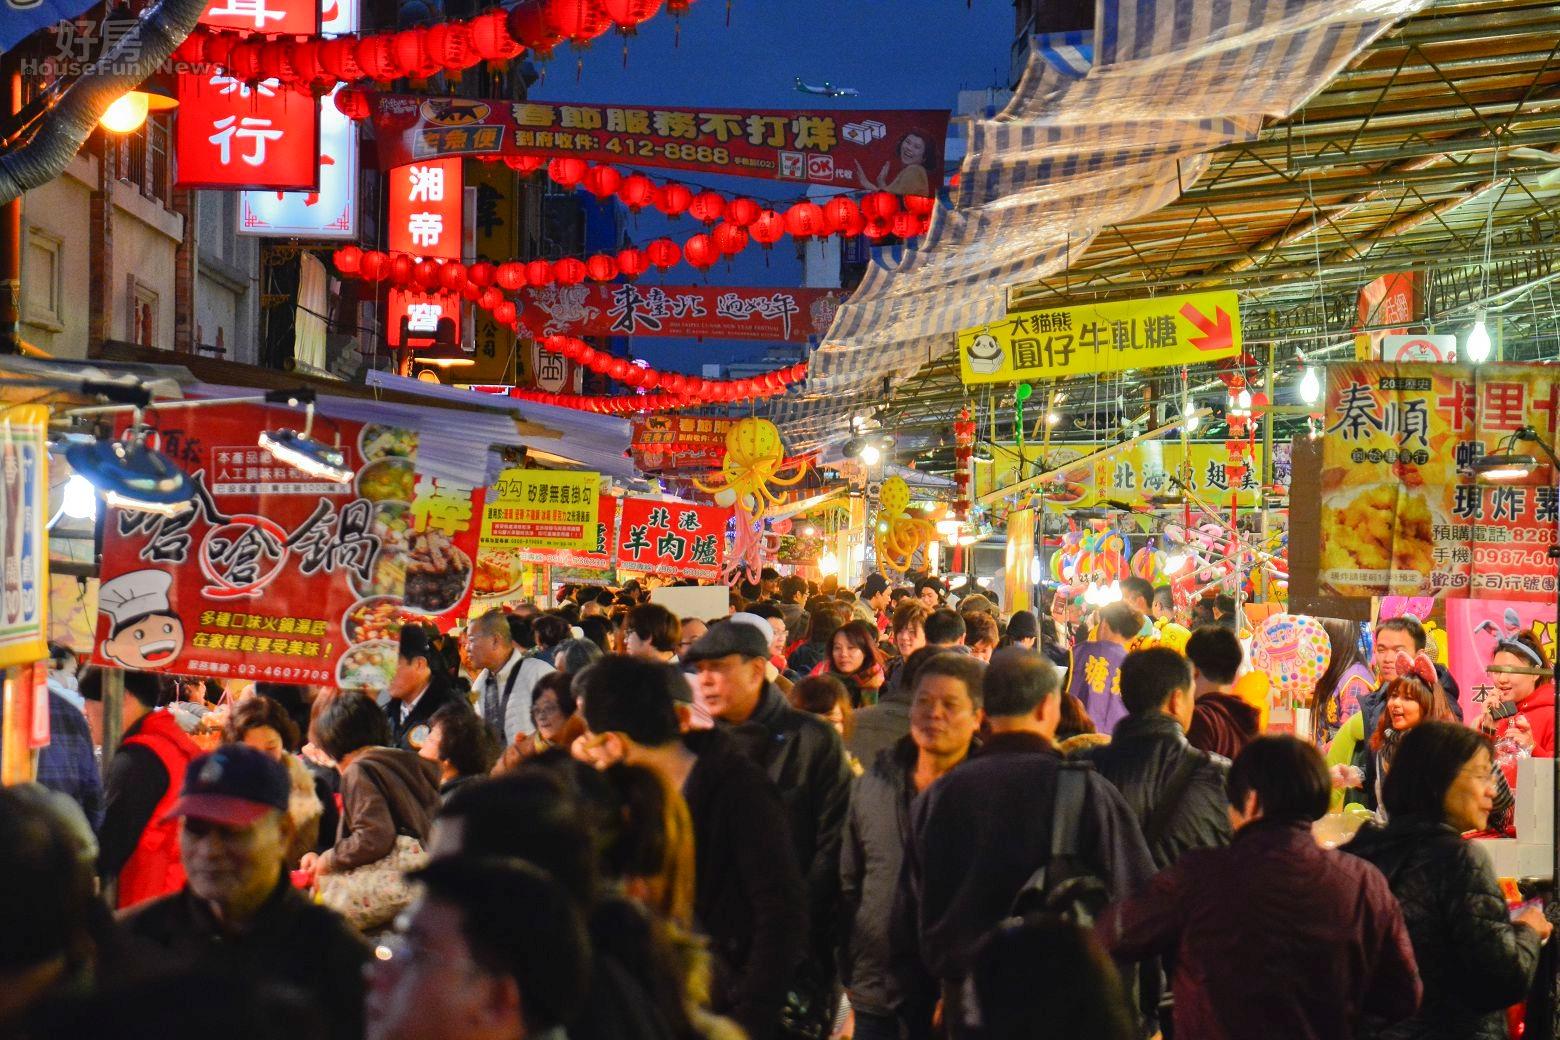 農曆年節將至,人潮將迪化街擠得水洩不通。(好房News記者 陳韋帆/攝影)